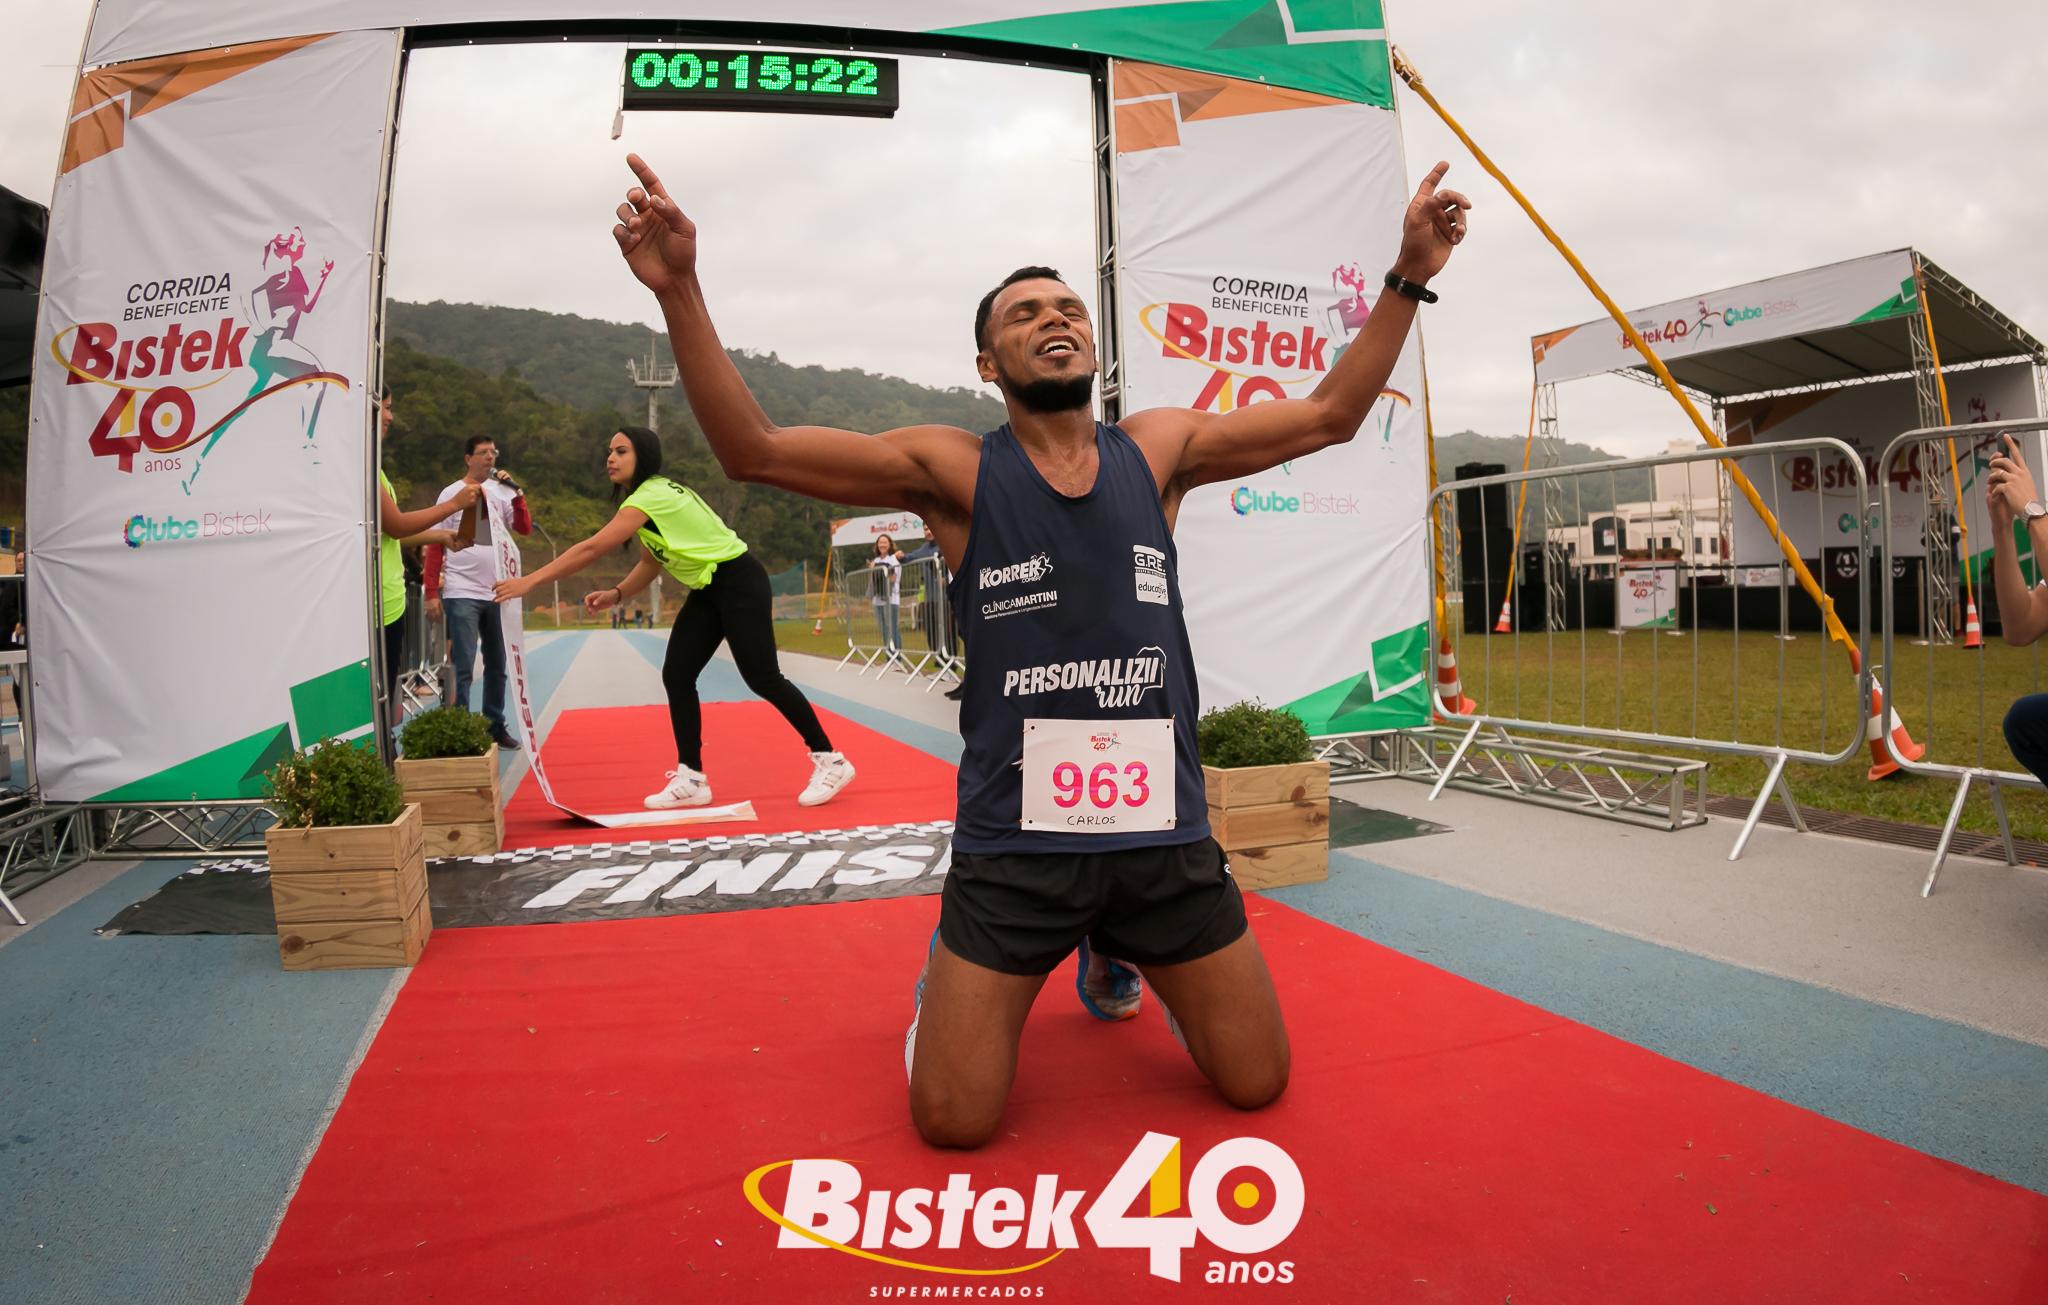 Domingo tem Corrida Beneficente do Bistek em Florianópolis